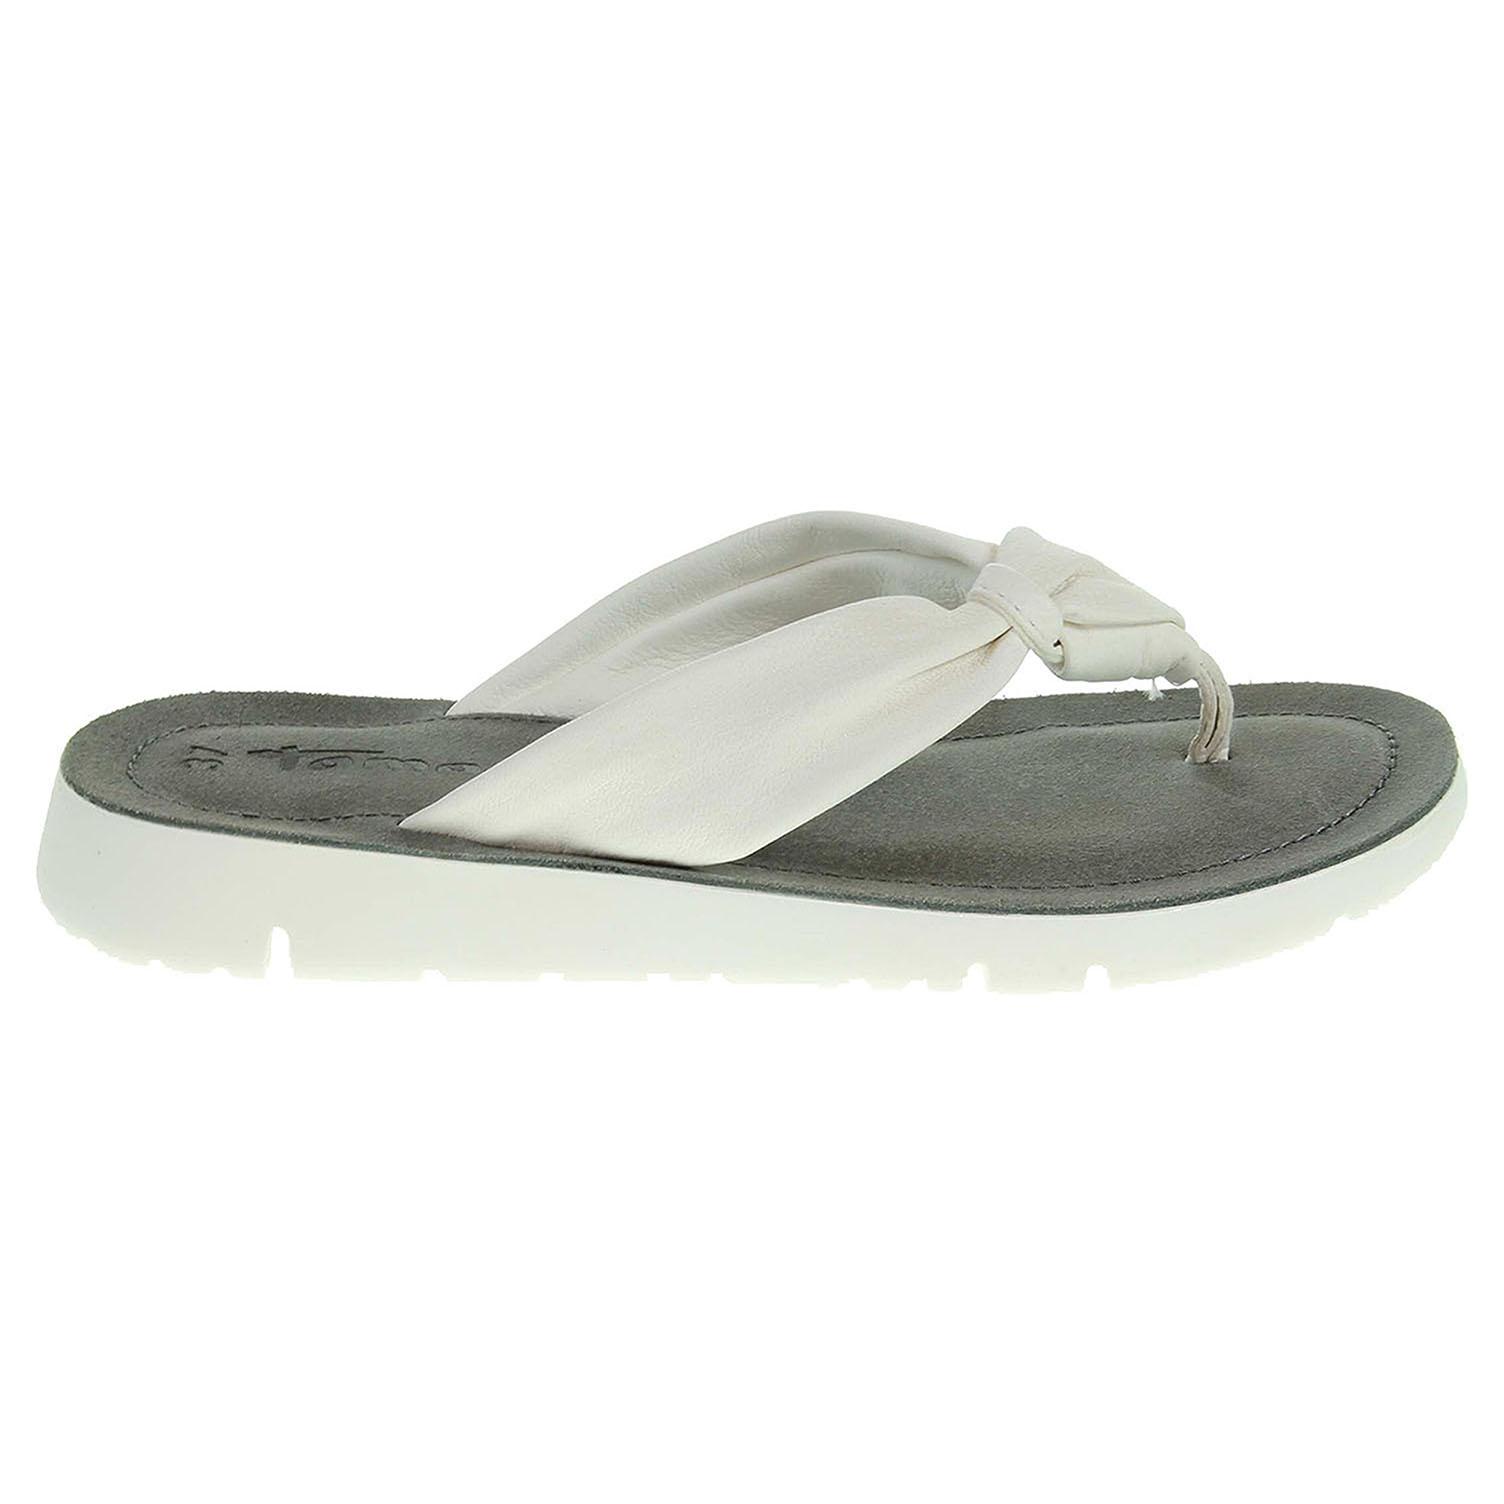 Ecco Tamaris dámské pantofle 1-27124-38 bílé 23600807